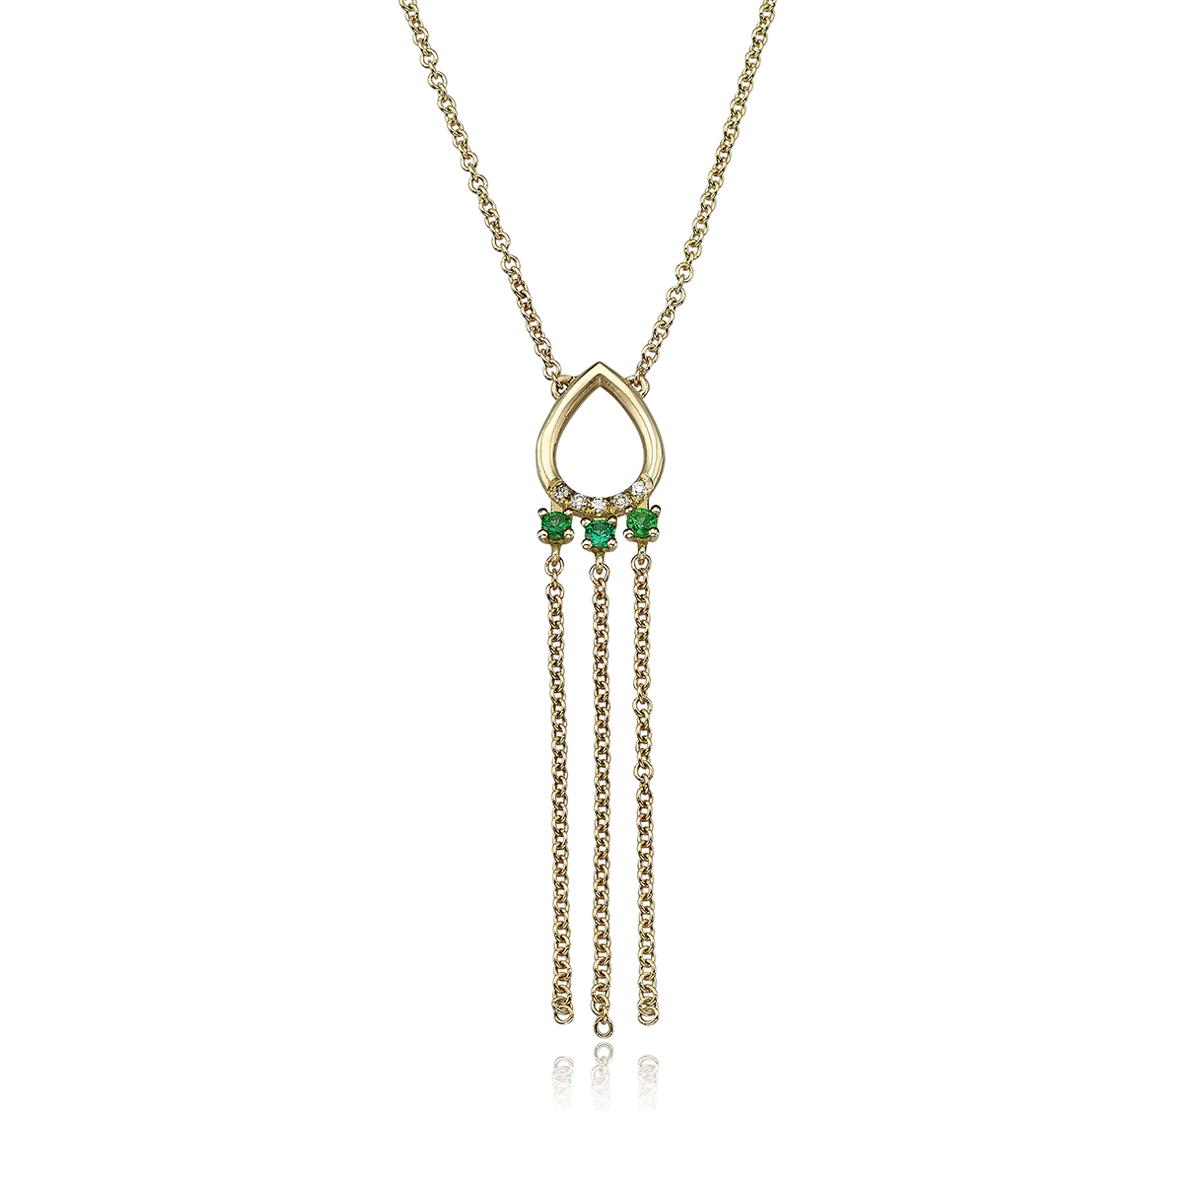 שרשרת זהב בצורת טיפה משובצת יהלומים ואמרלדים בשילוב שרשראות מתנדנדות